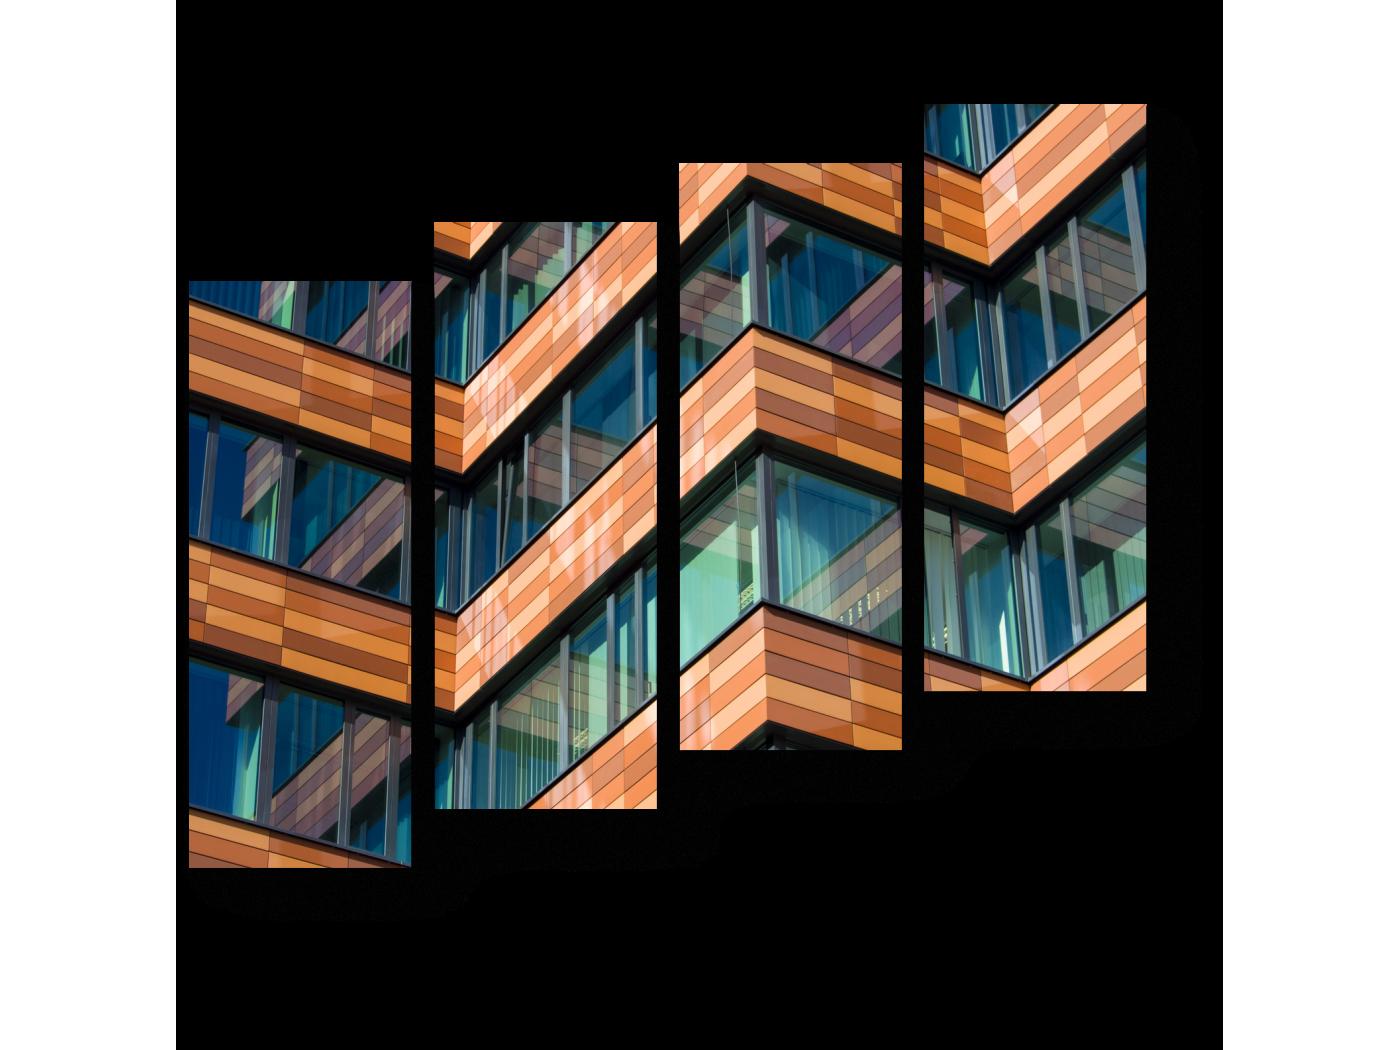 Модульная картина Сталь и стекло (80x69) фото